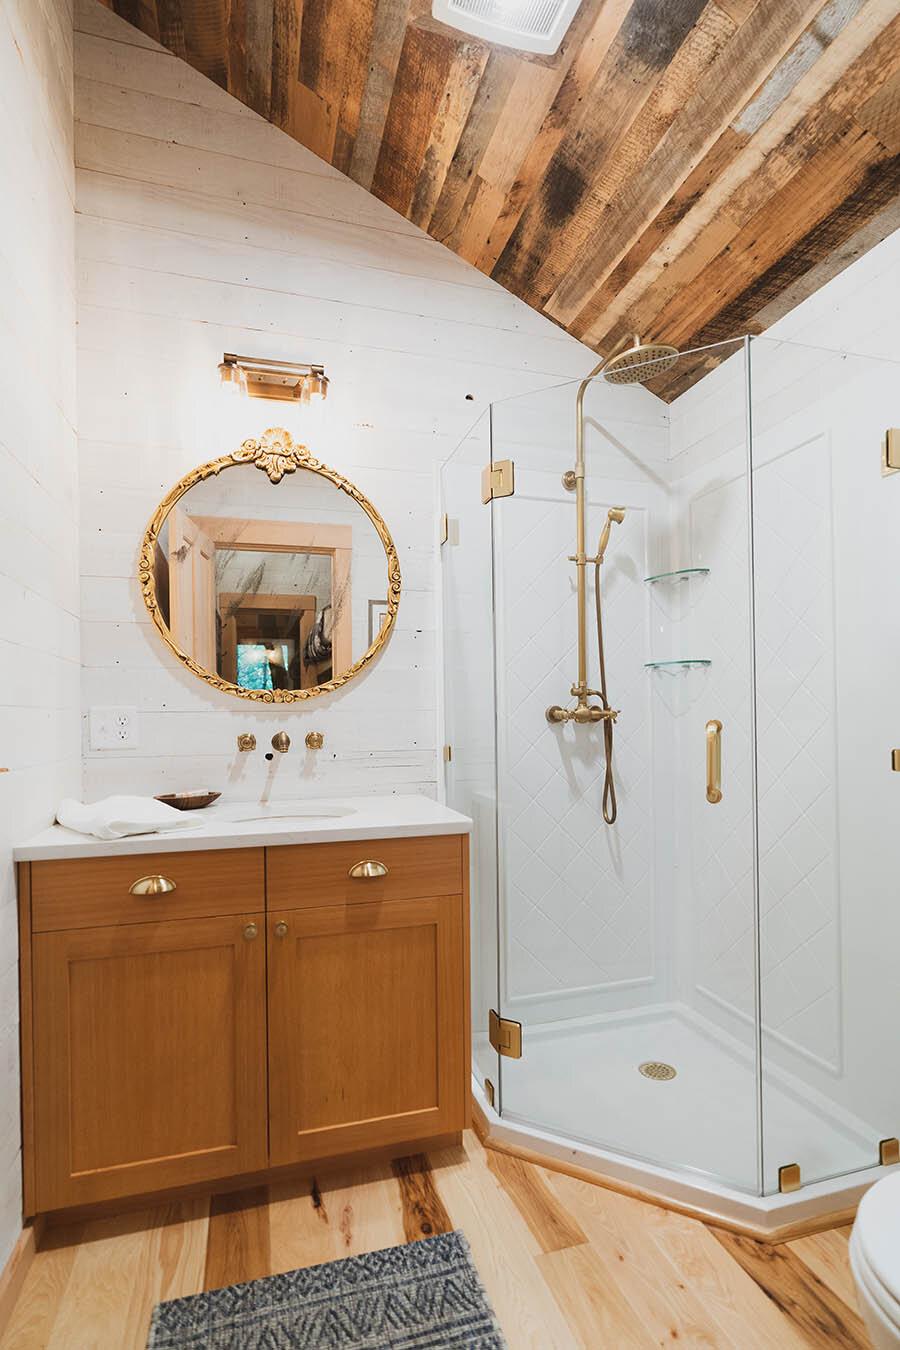 a tasteful 3/4 bathroom adjacent to the bunkroom